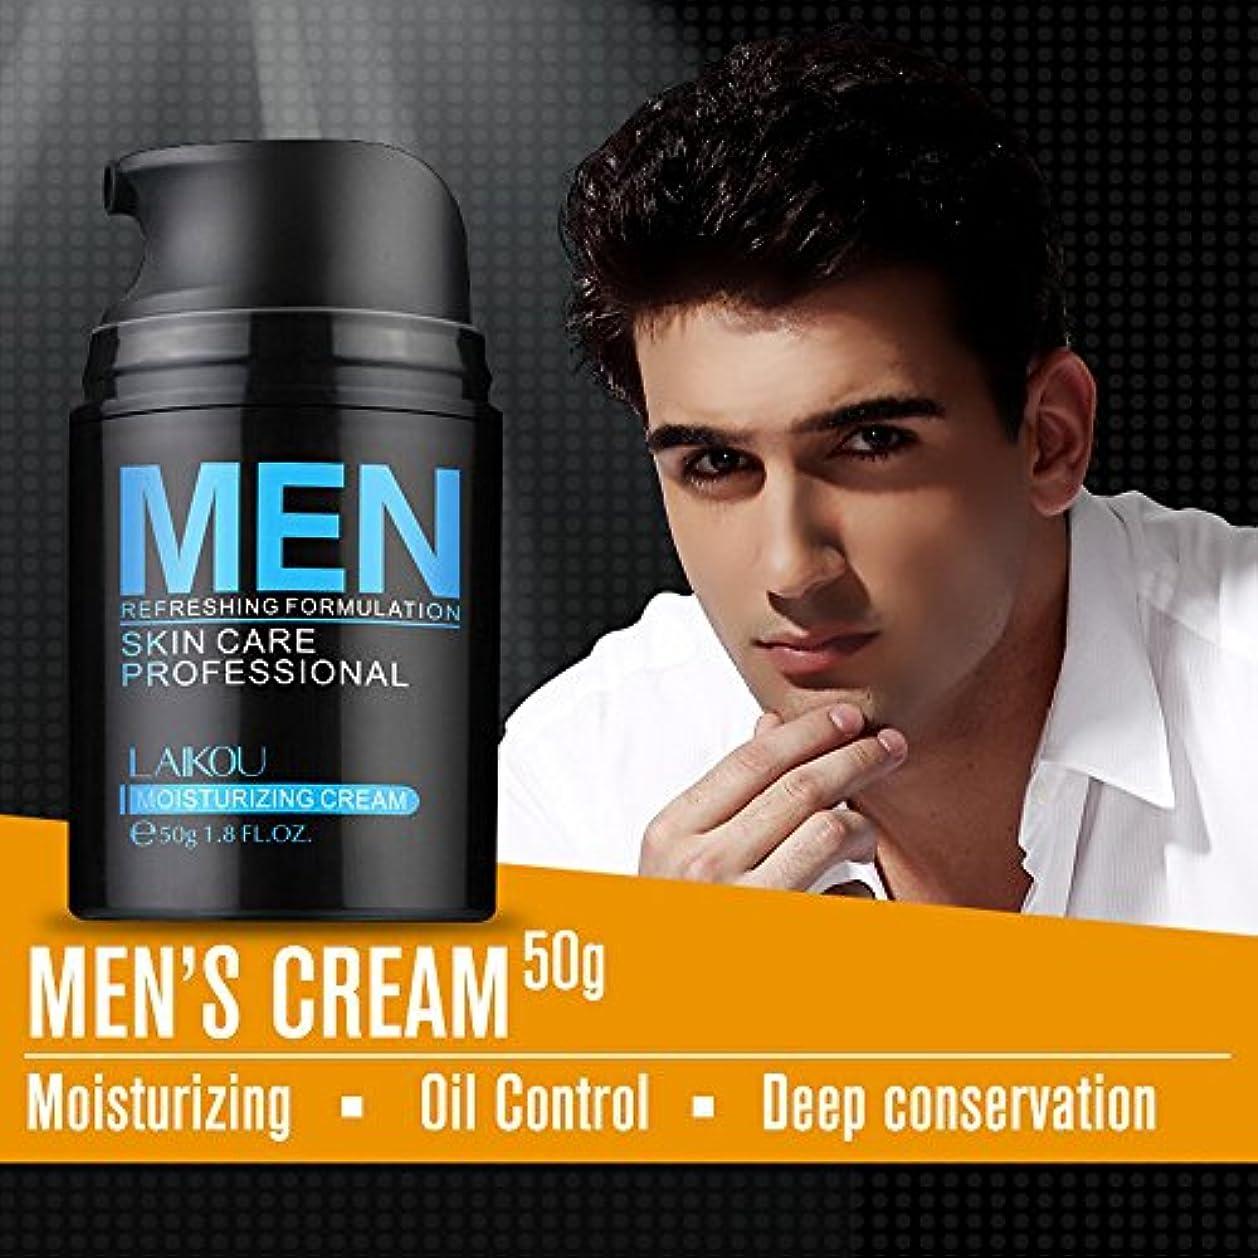 誘惑する差し引くスペースAkane LAIKOU 男子 押す 顔洗い 素敵 水分補給 オイルコントロール 保湿 すがすがしい 角質除去 クレンジング 浄化 使いやすい 洗顔料 アロエクリーム